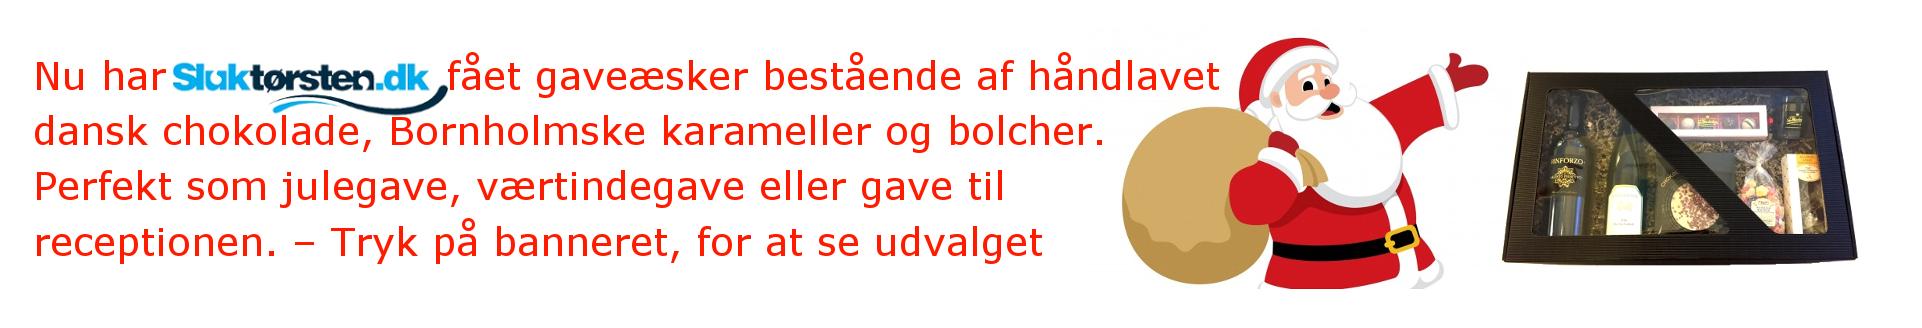 Gavesker